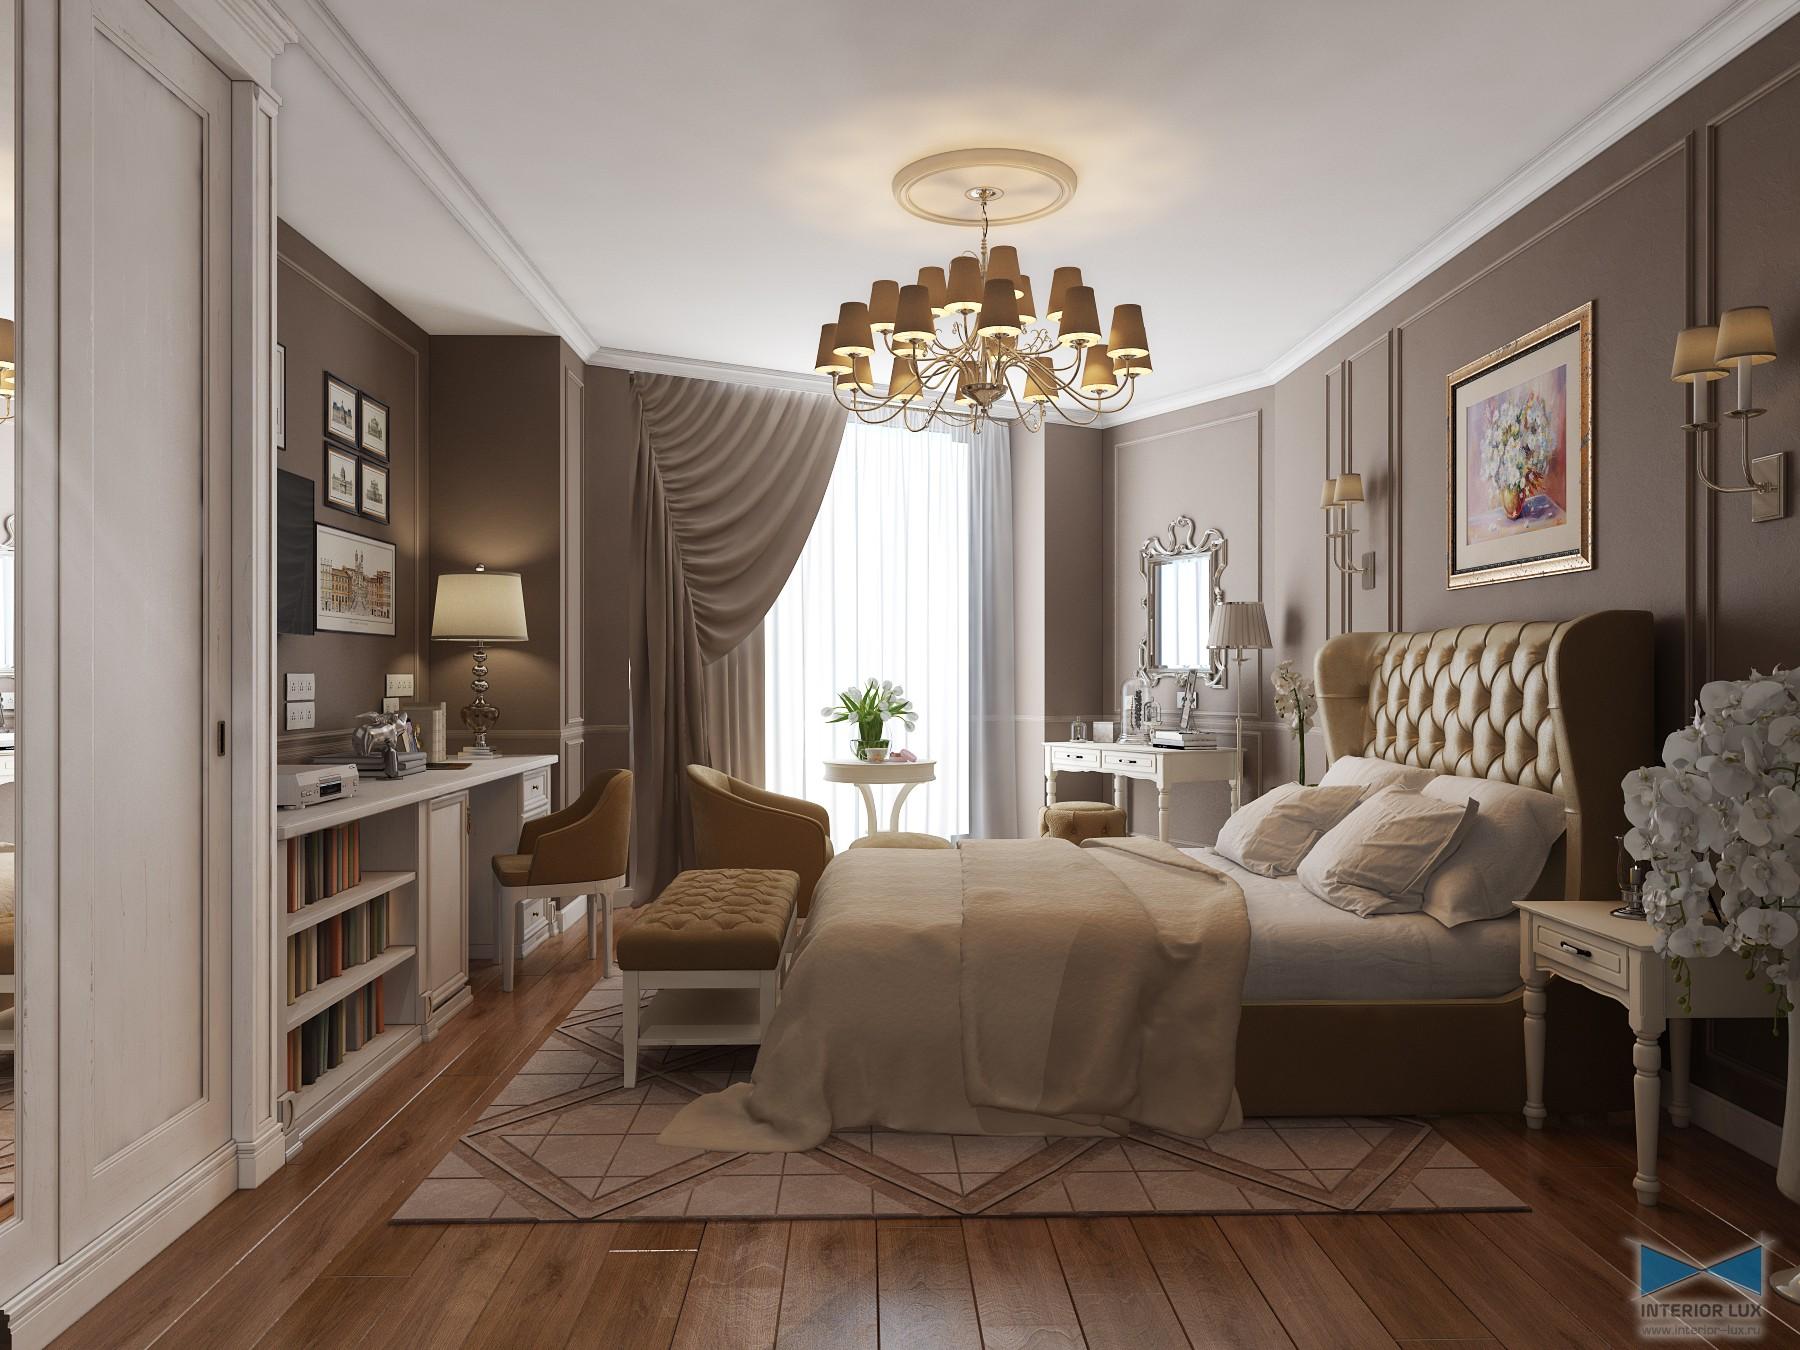 Интерьер этой спальни иллюстрирует концепцию многопланового освещения: в дополнение к люстре комната оснащена парой бра в изголовье кровати, торшером рядом с туалетным столиком и настольной лампой у письменного стола.